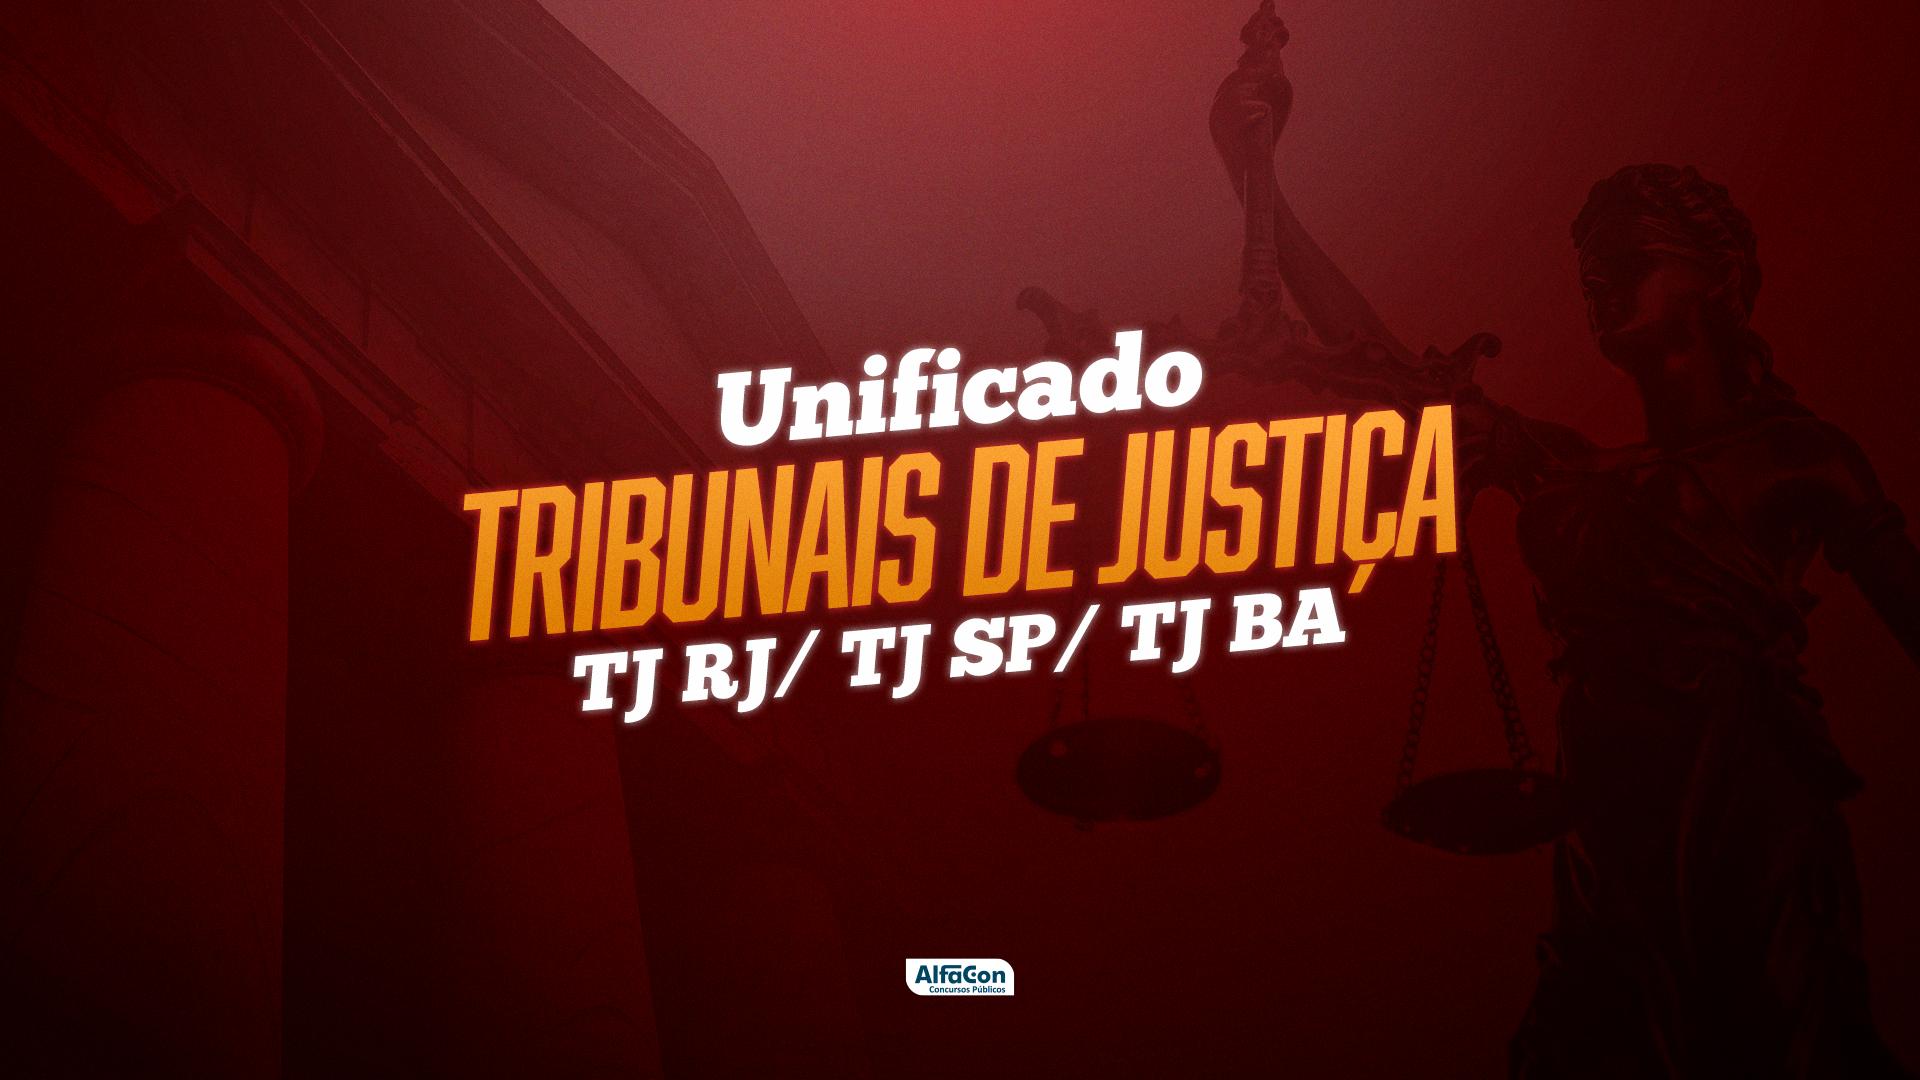 Unificado - Tribunais de Justiça